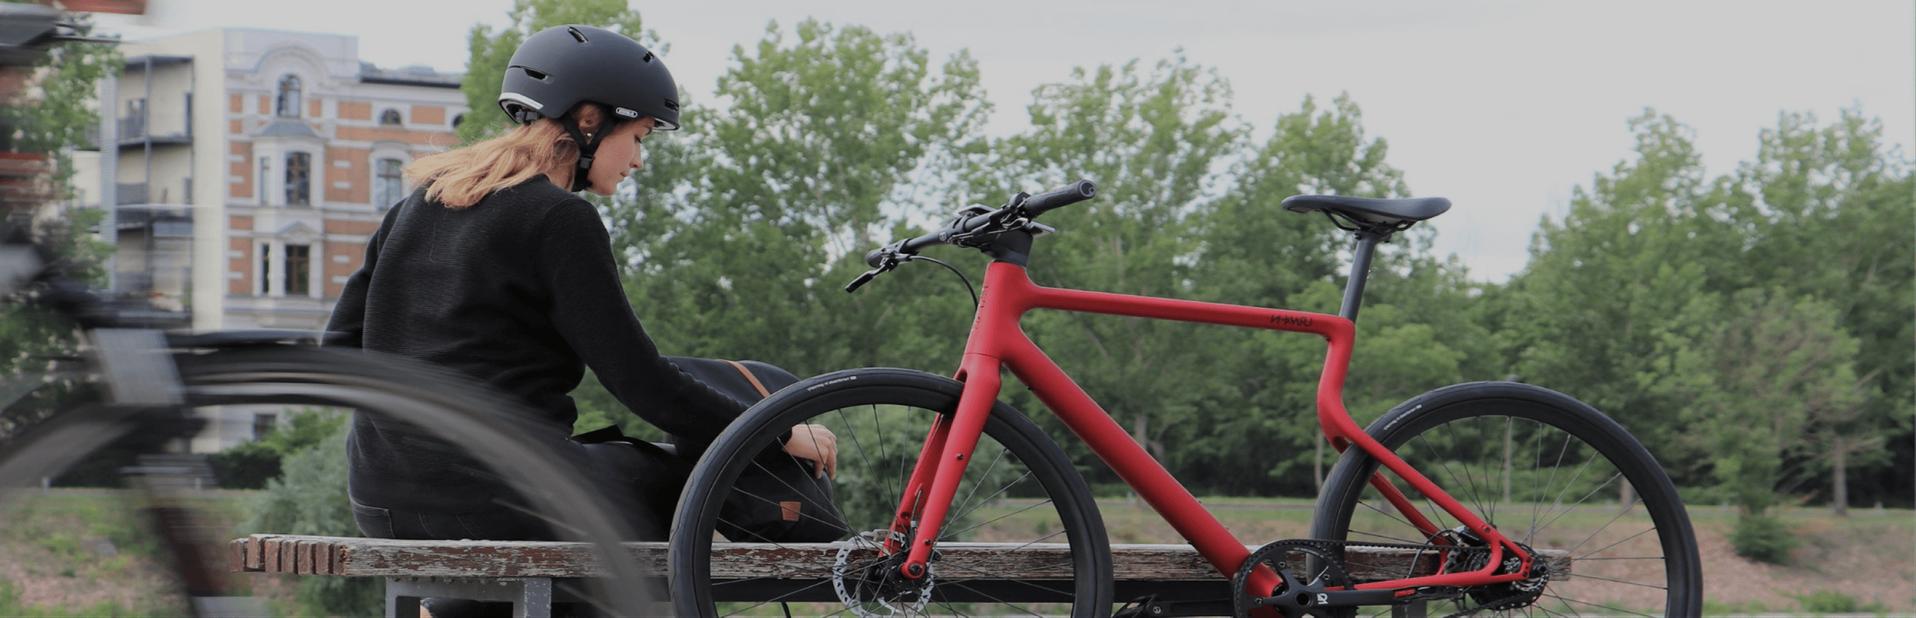 urbanbike-senger-neo-header.webp